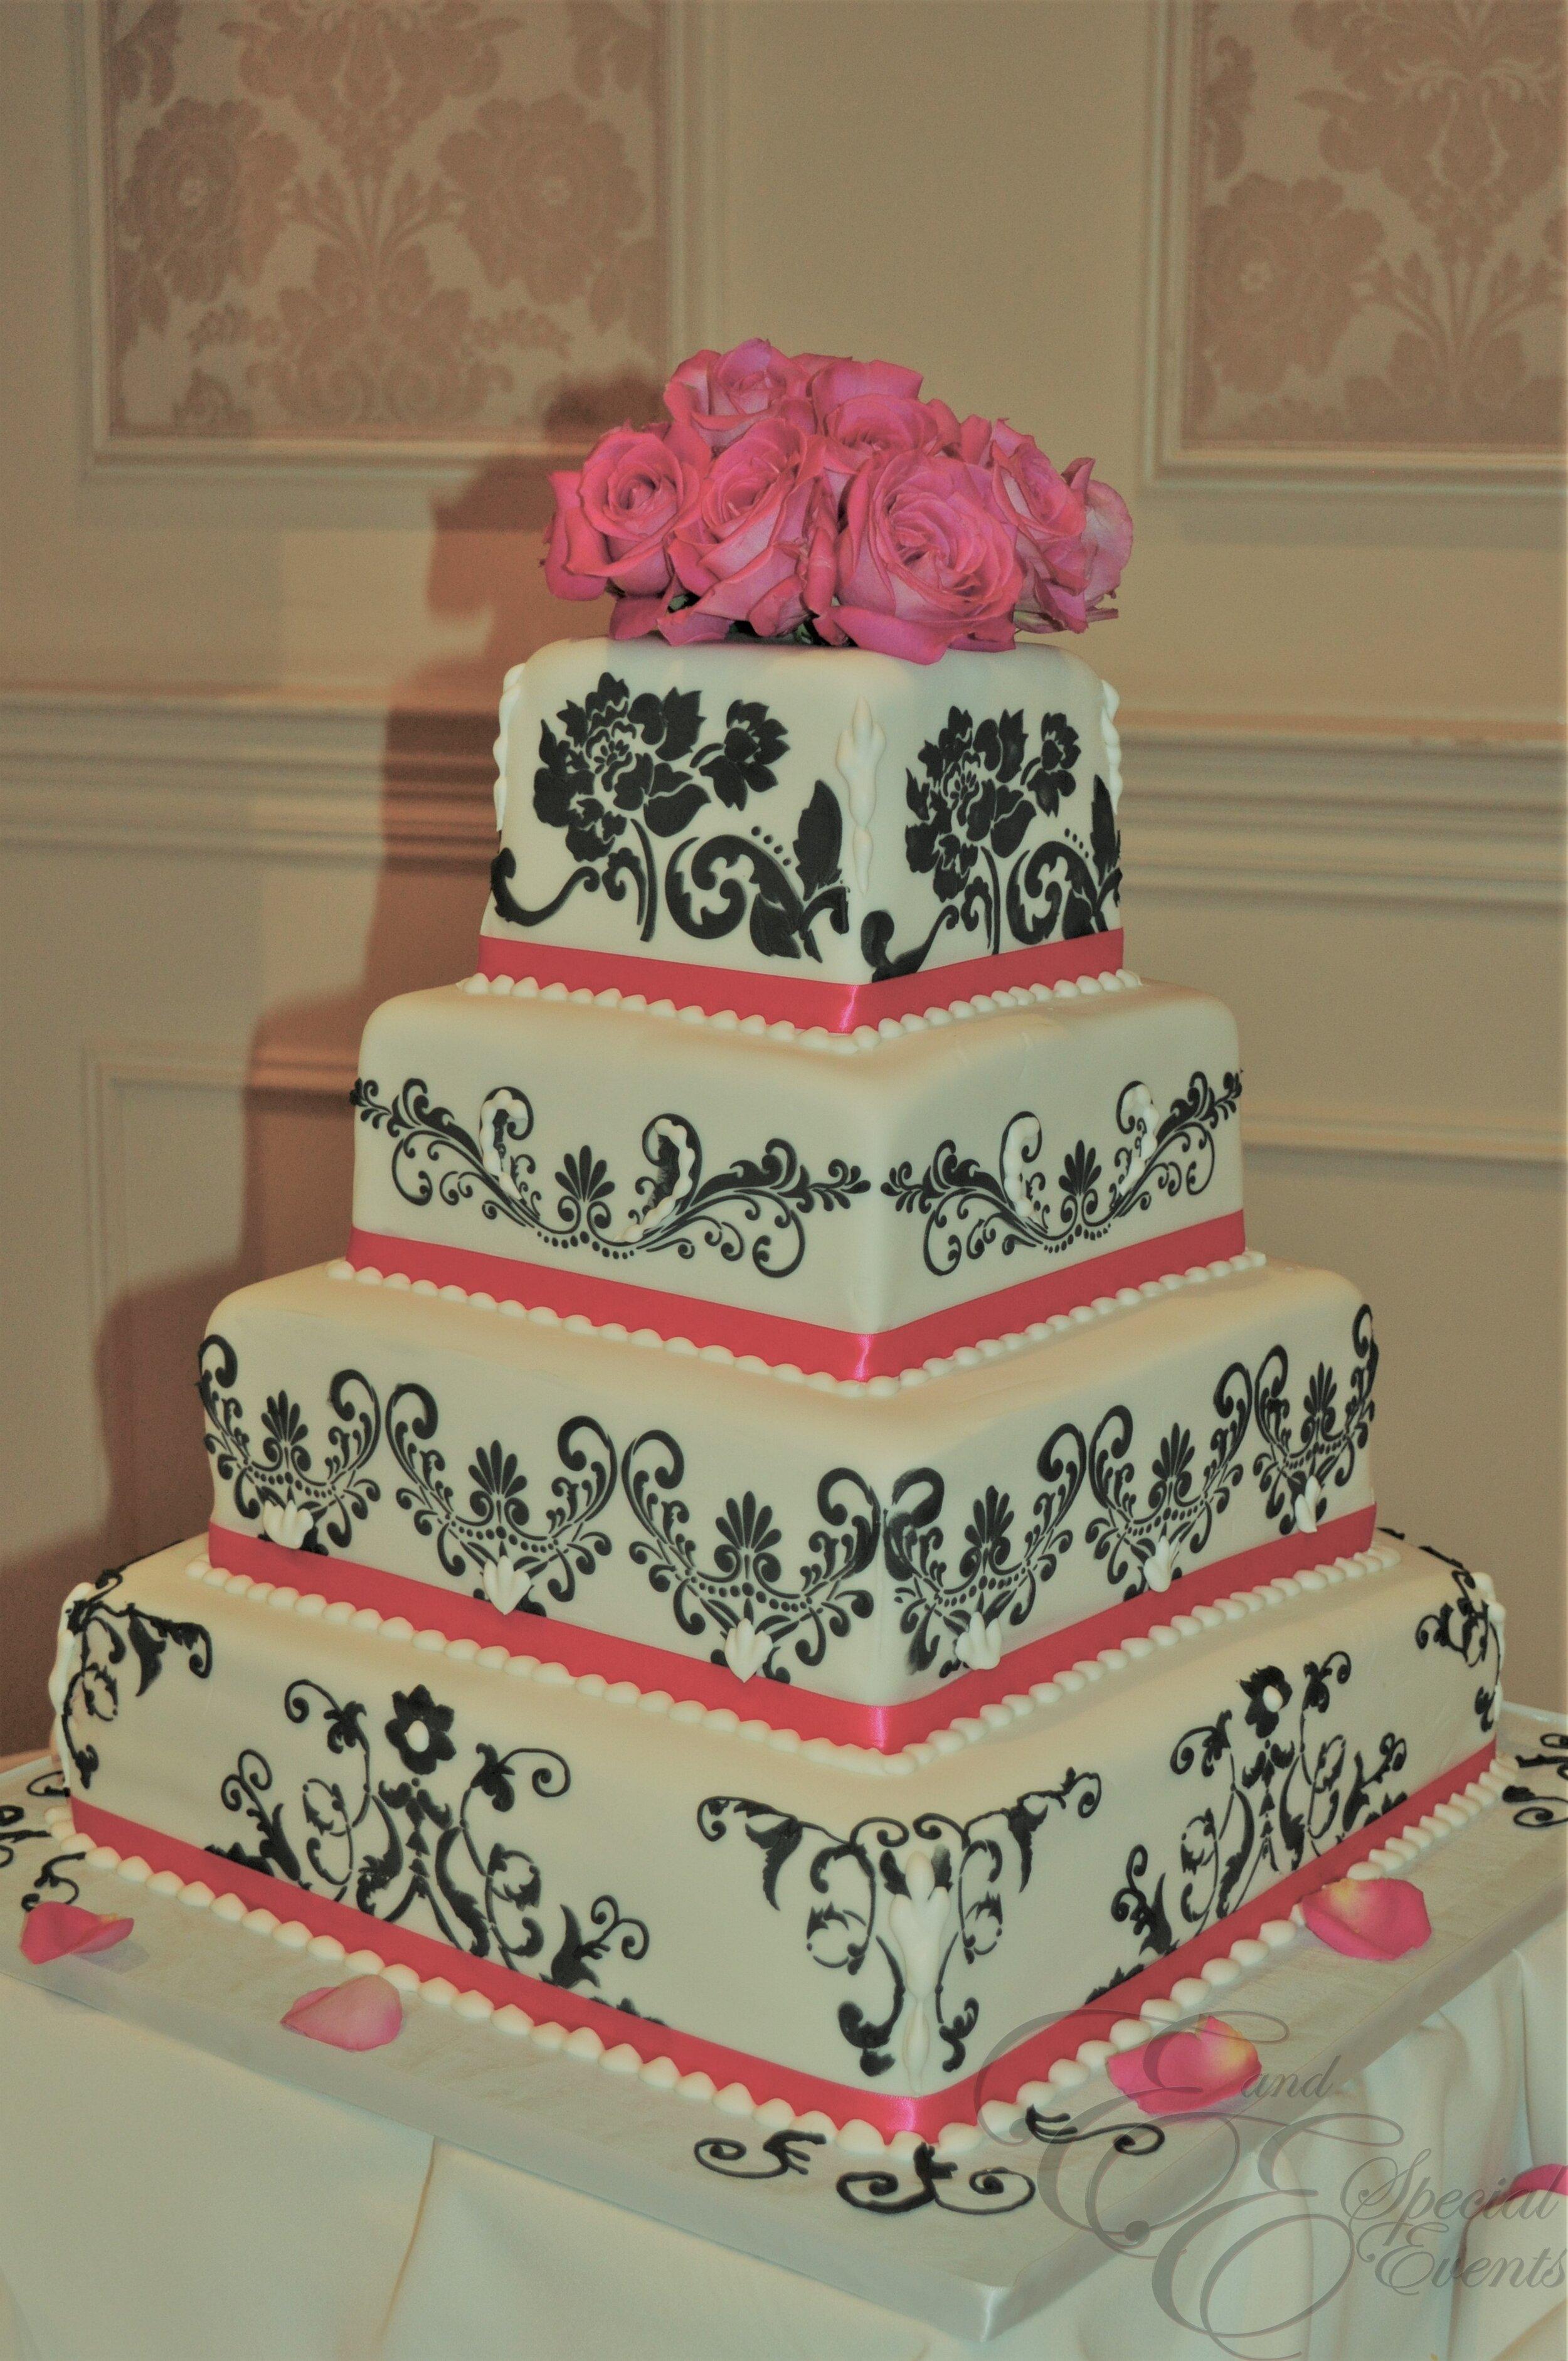 E_E_Special_Events_Unique_Wedding_Cakes_Virginia_Beach_Hampton_Roads24.jpg